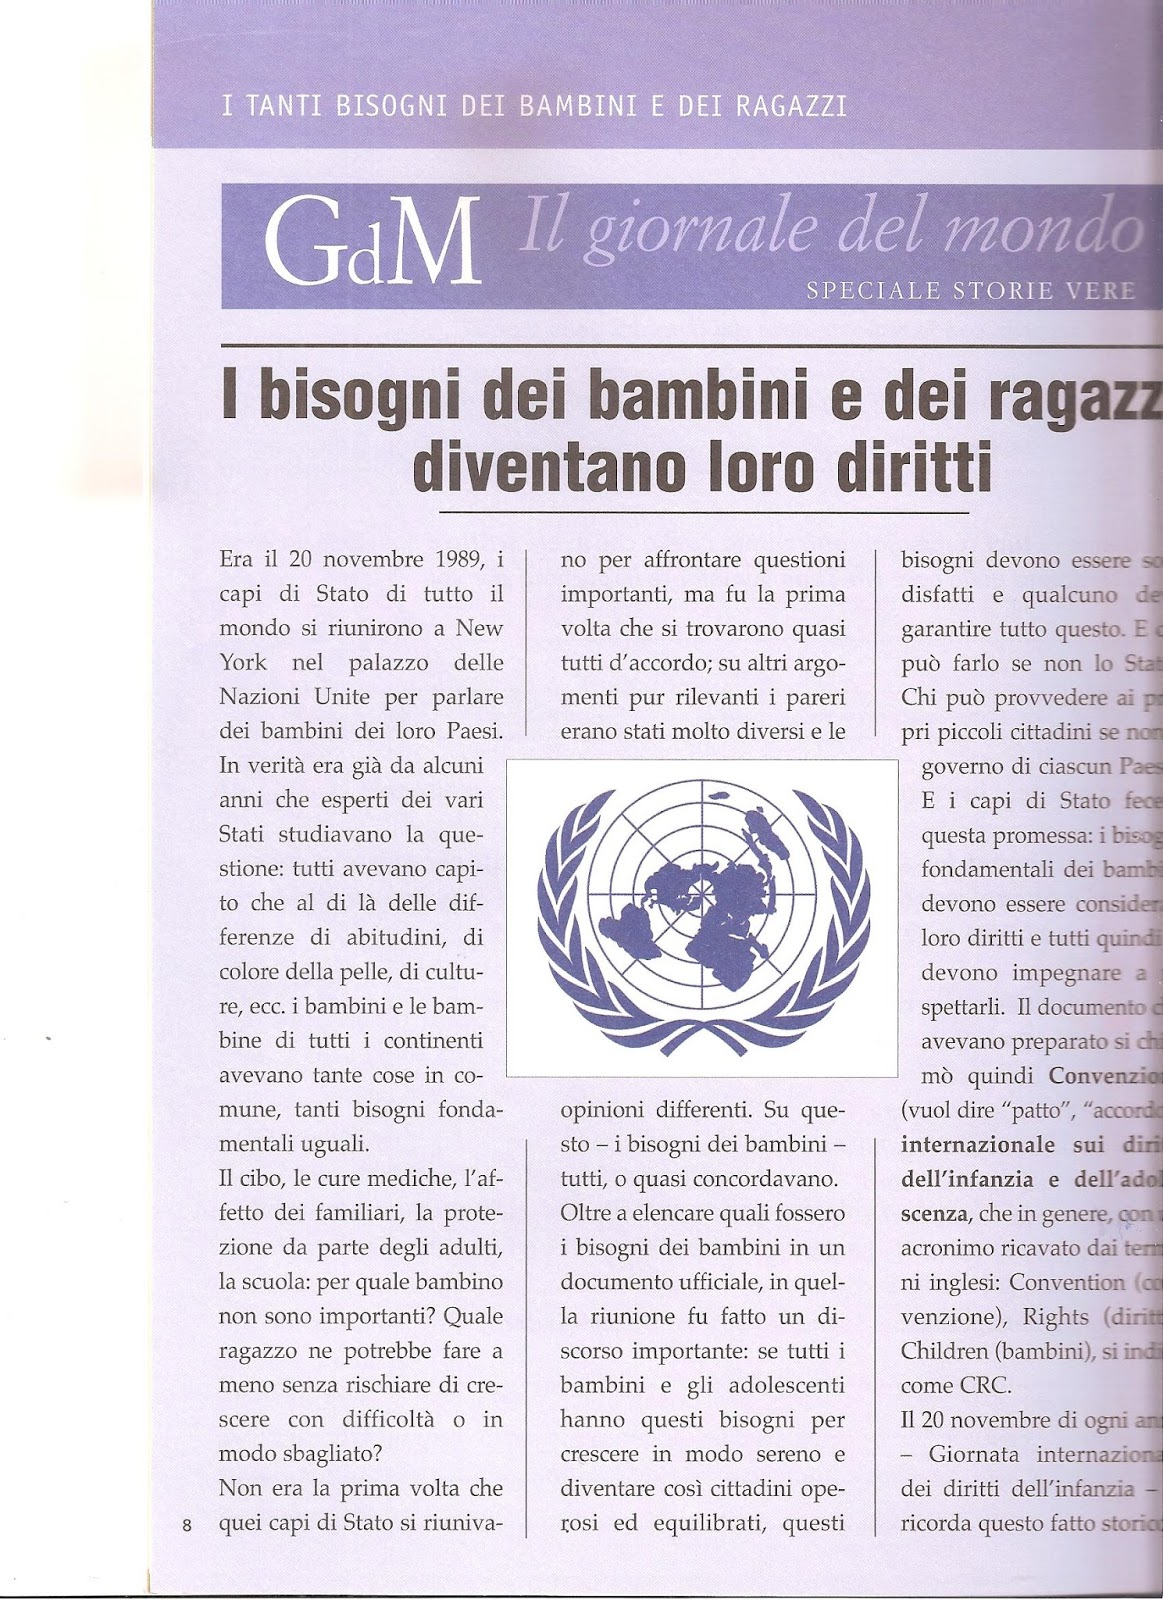 Diritti e doveri dei bambini schede didattiche ci33 for Maestra gemma diritti dei bambini